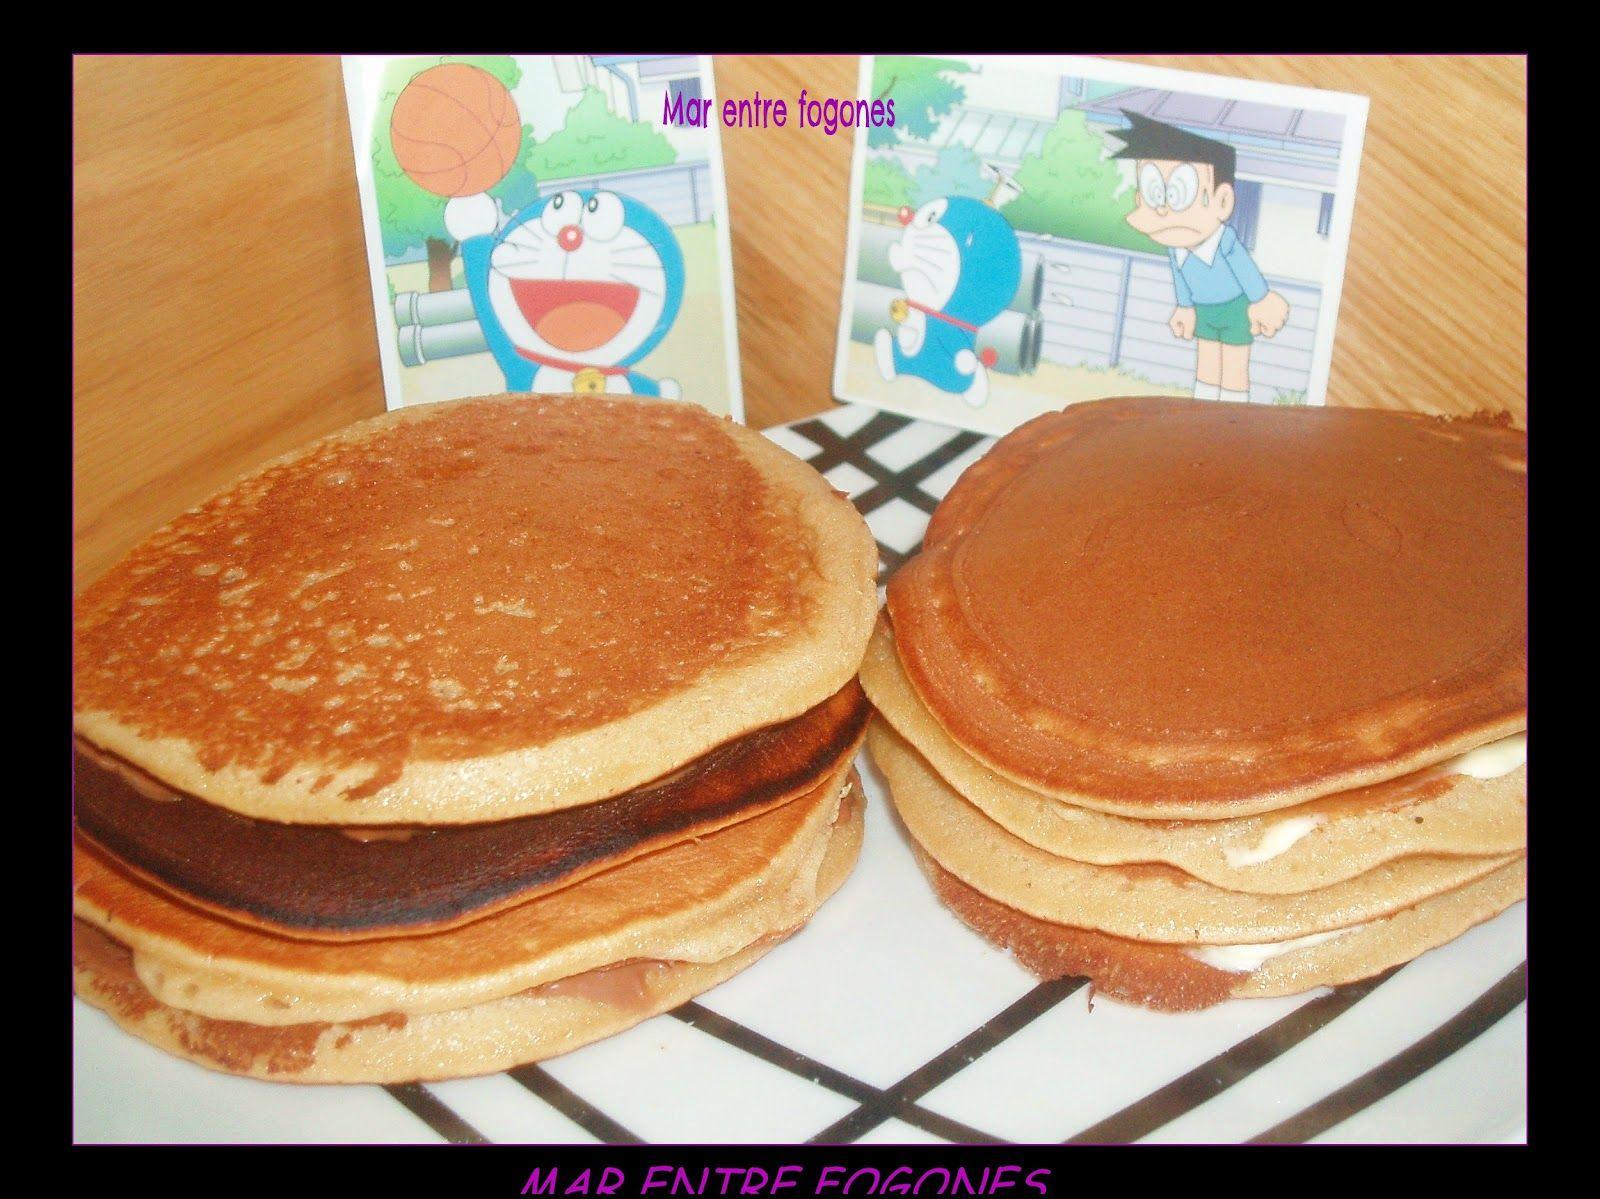 MAR ENTRE FOGONES: DORAYAKIS (como los de Doraemon)